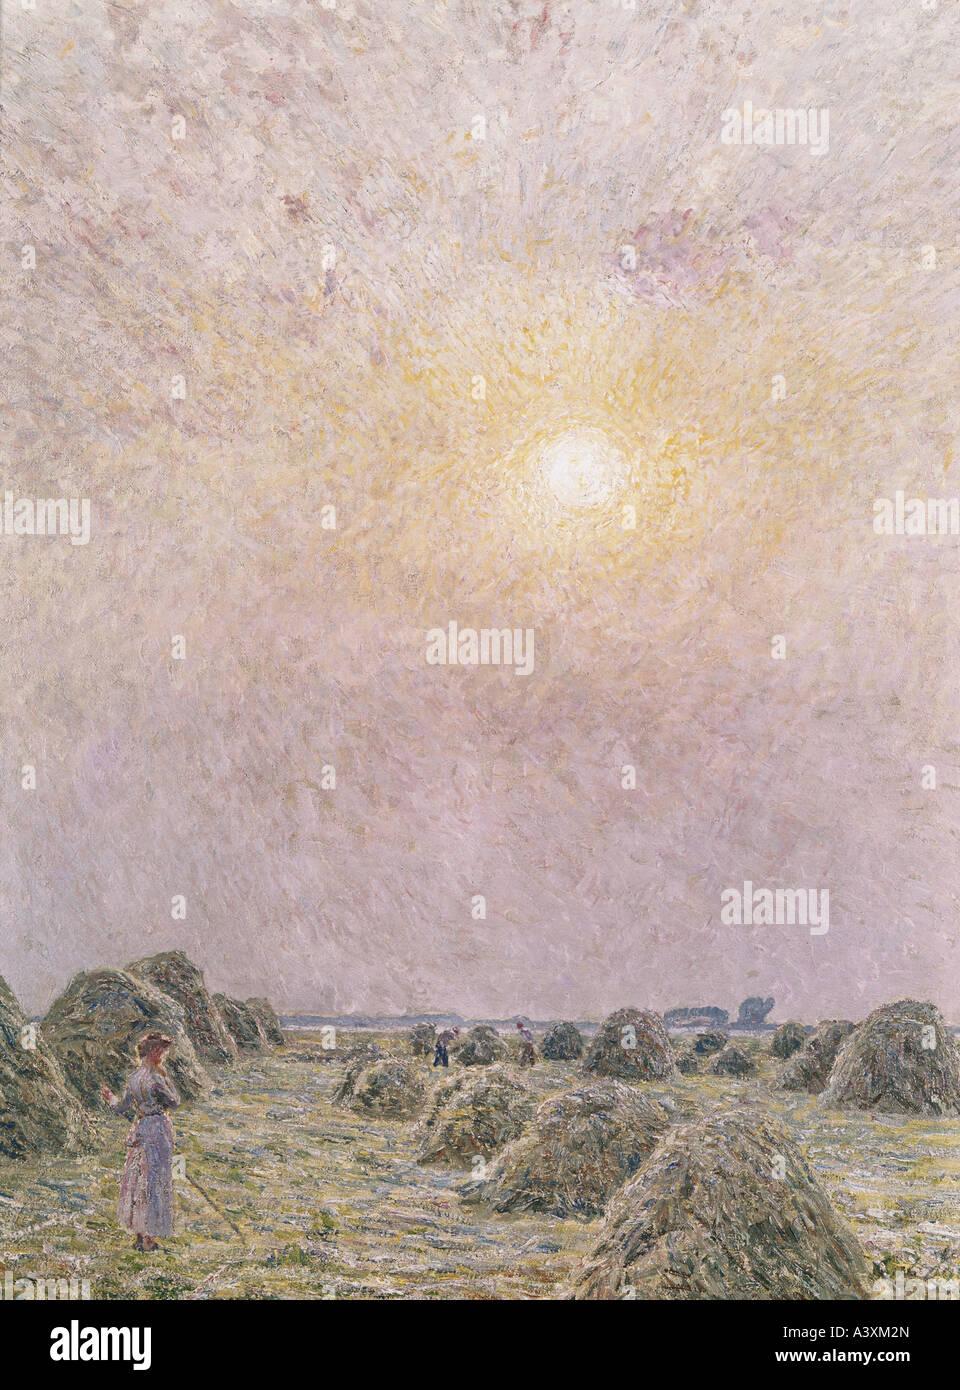 """'Fine Arts, Claus, Emile, (1849 - 1924), peinture, 'une journée ensoleillée"""", Musée Photo Stock"""